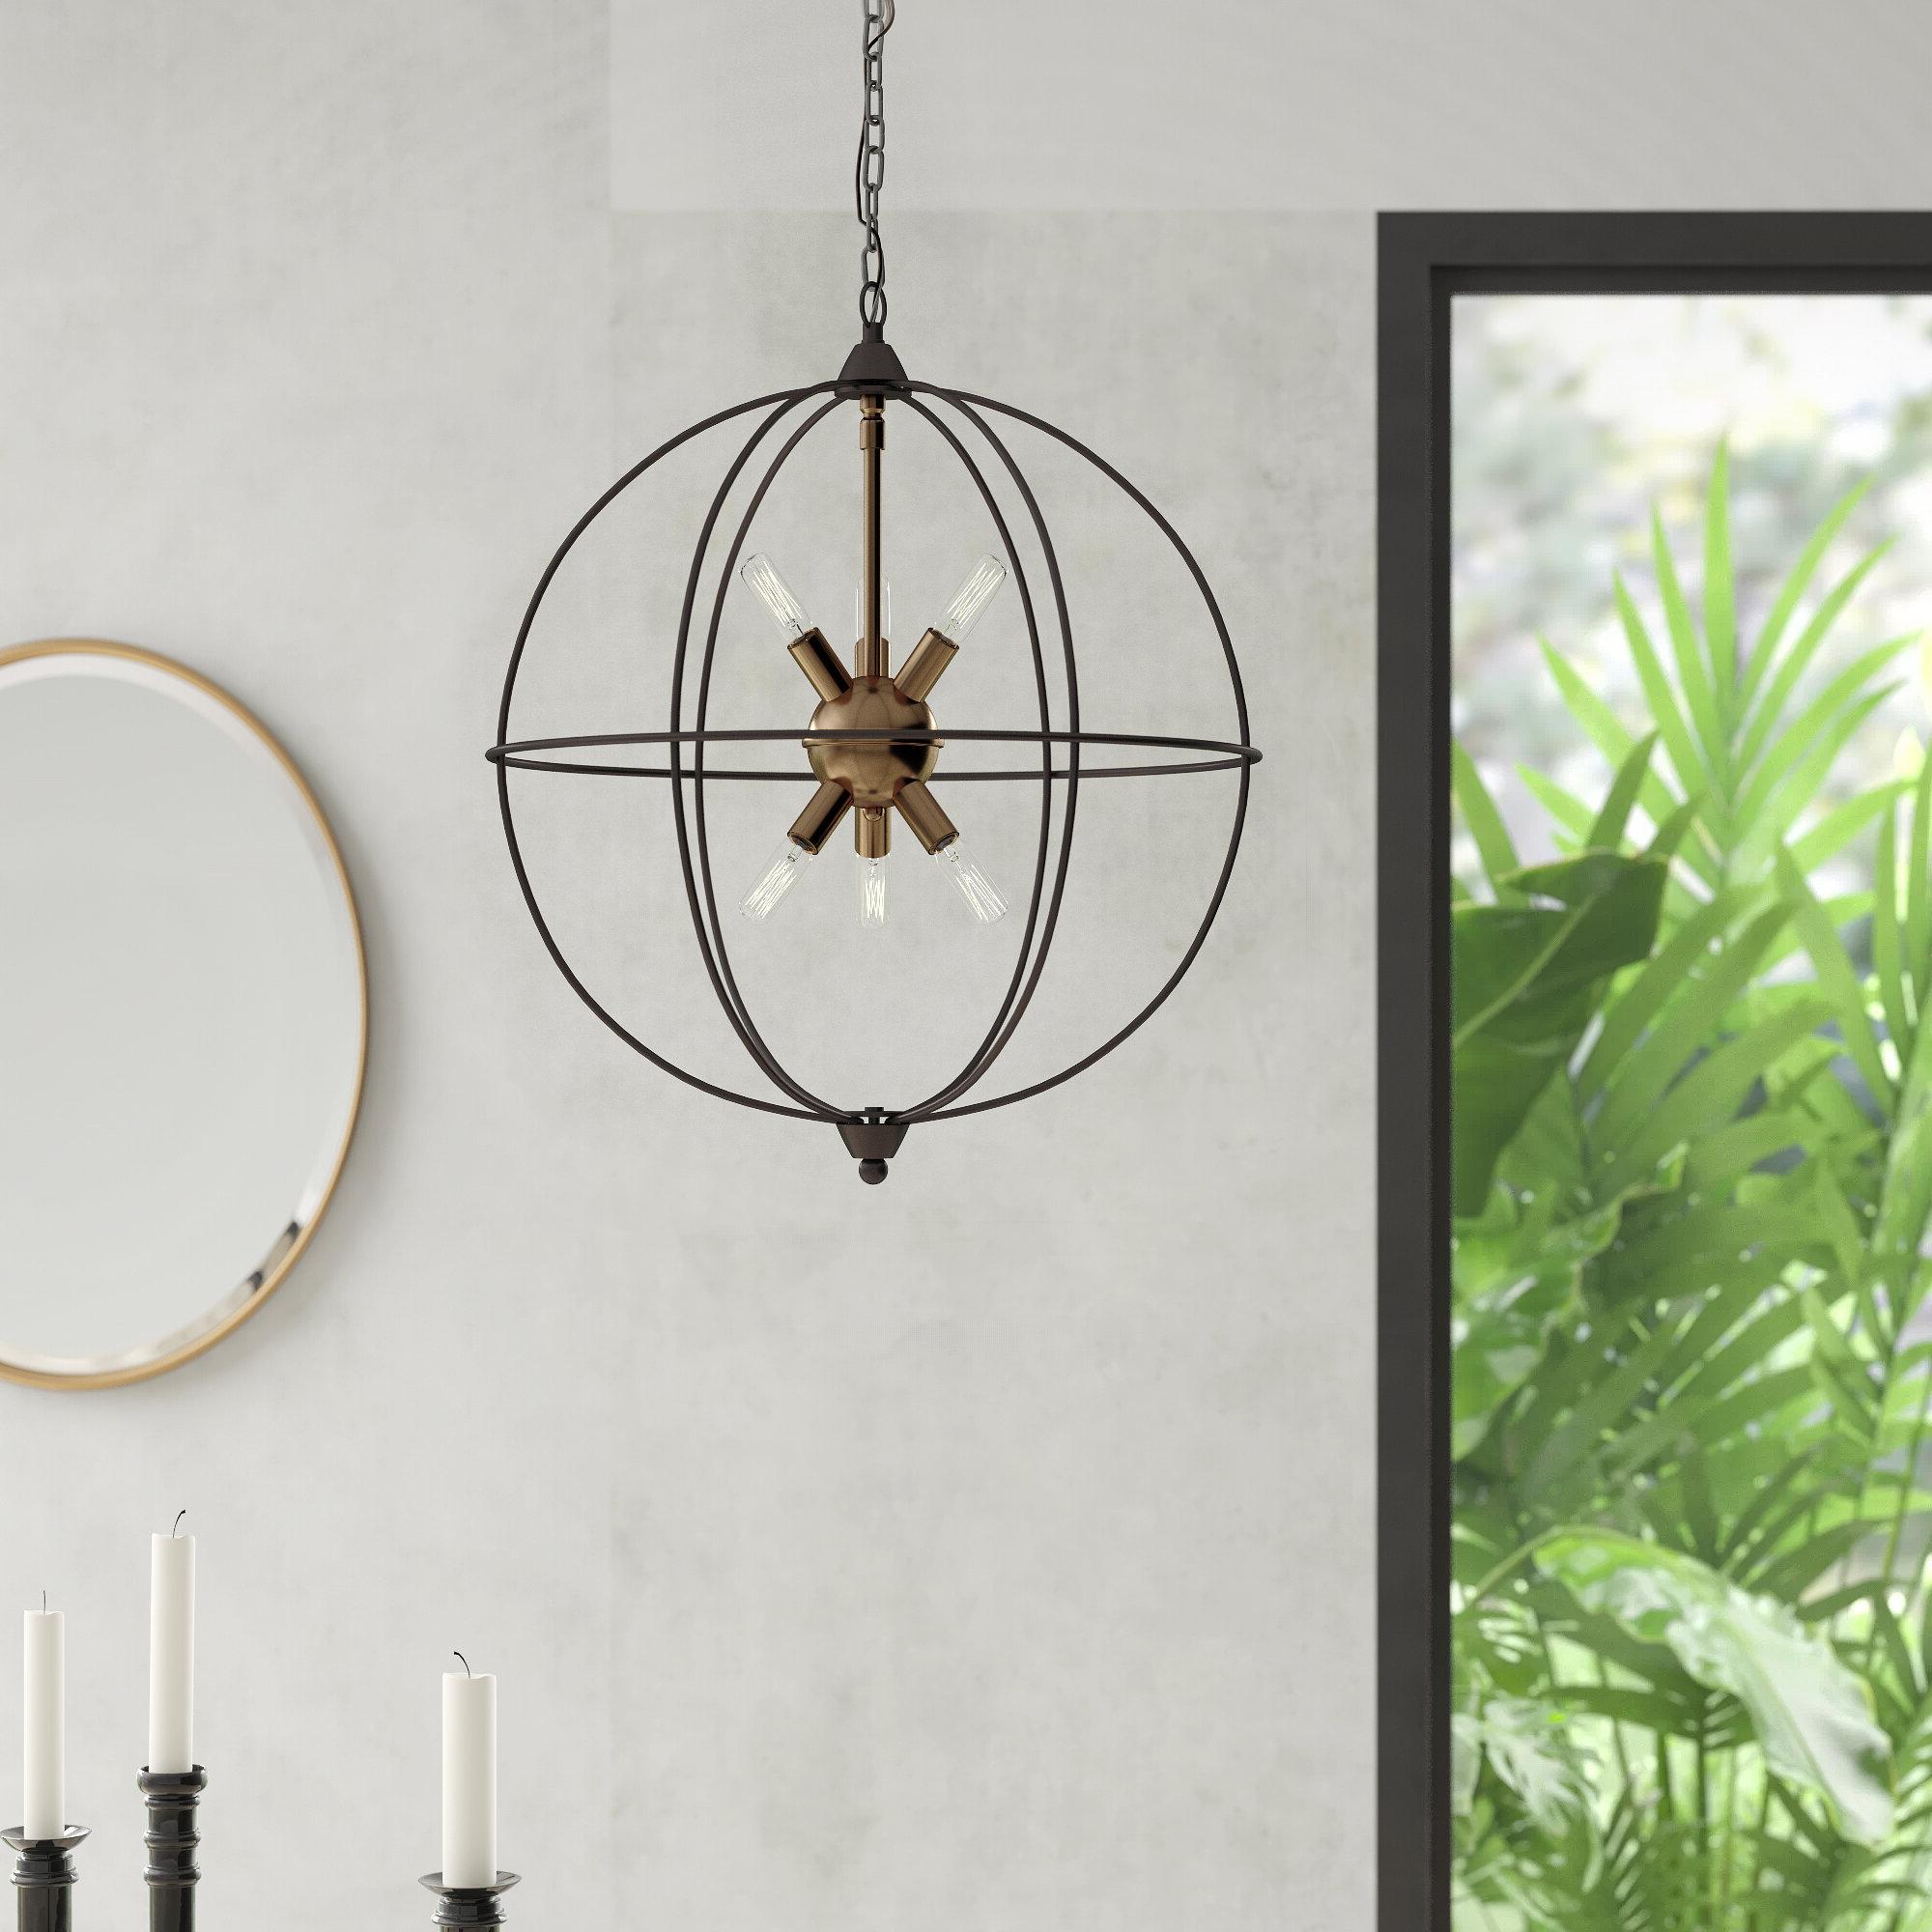 Gregoire 6 Light Globe Chandeliers Inside Most Up To Date Cogdill 6 Light Globe Chandelier (View 13 of 25)